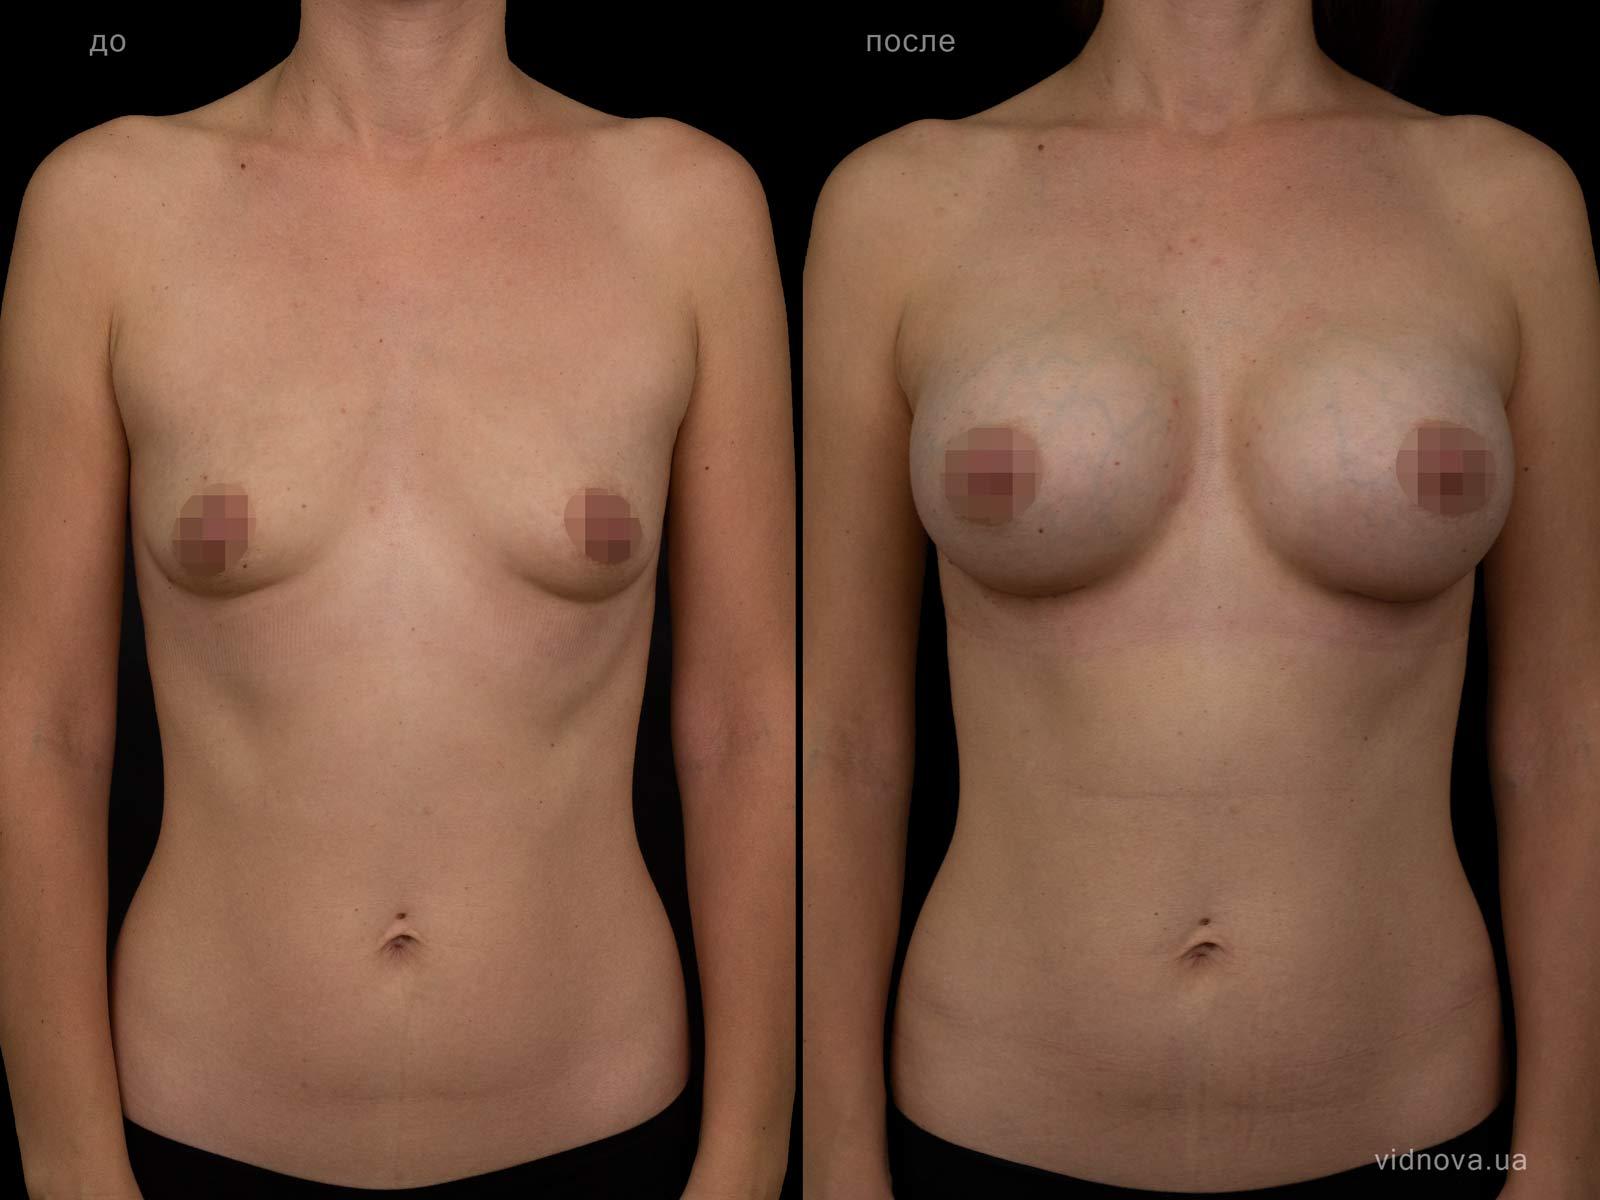 Пластика груди: результаты до и после - Пример №102-0 - Светлана Работенко